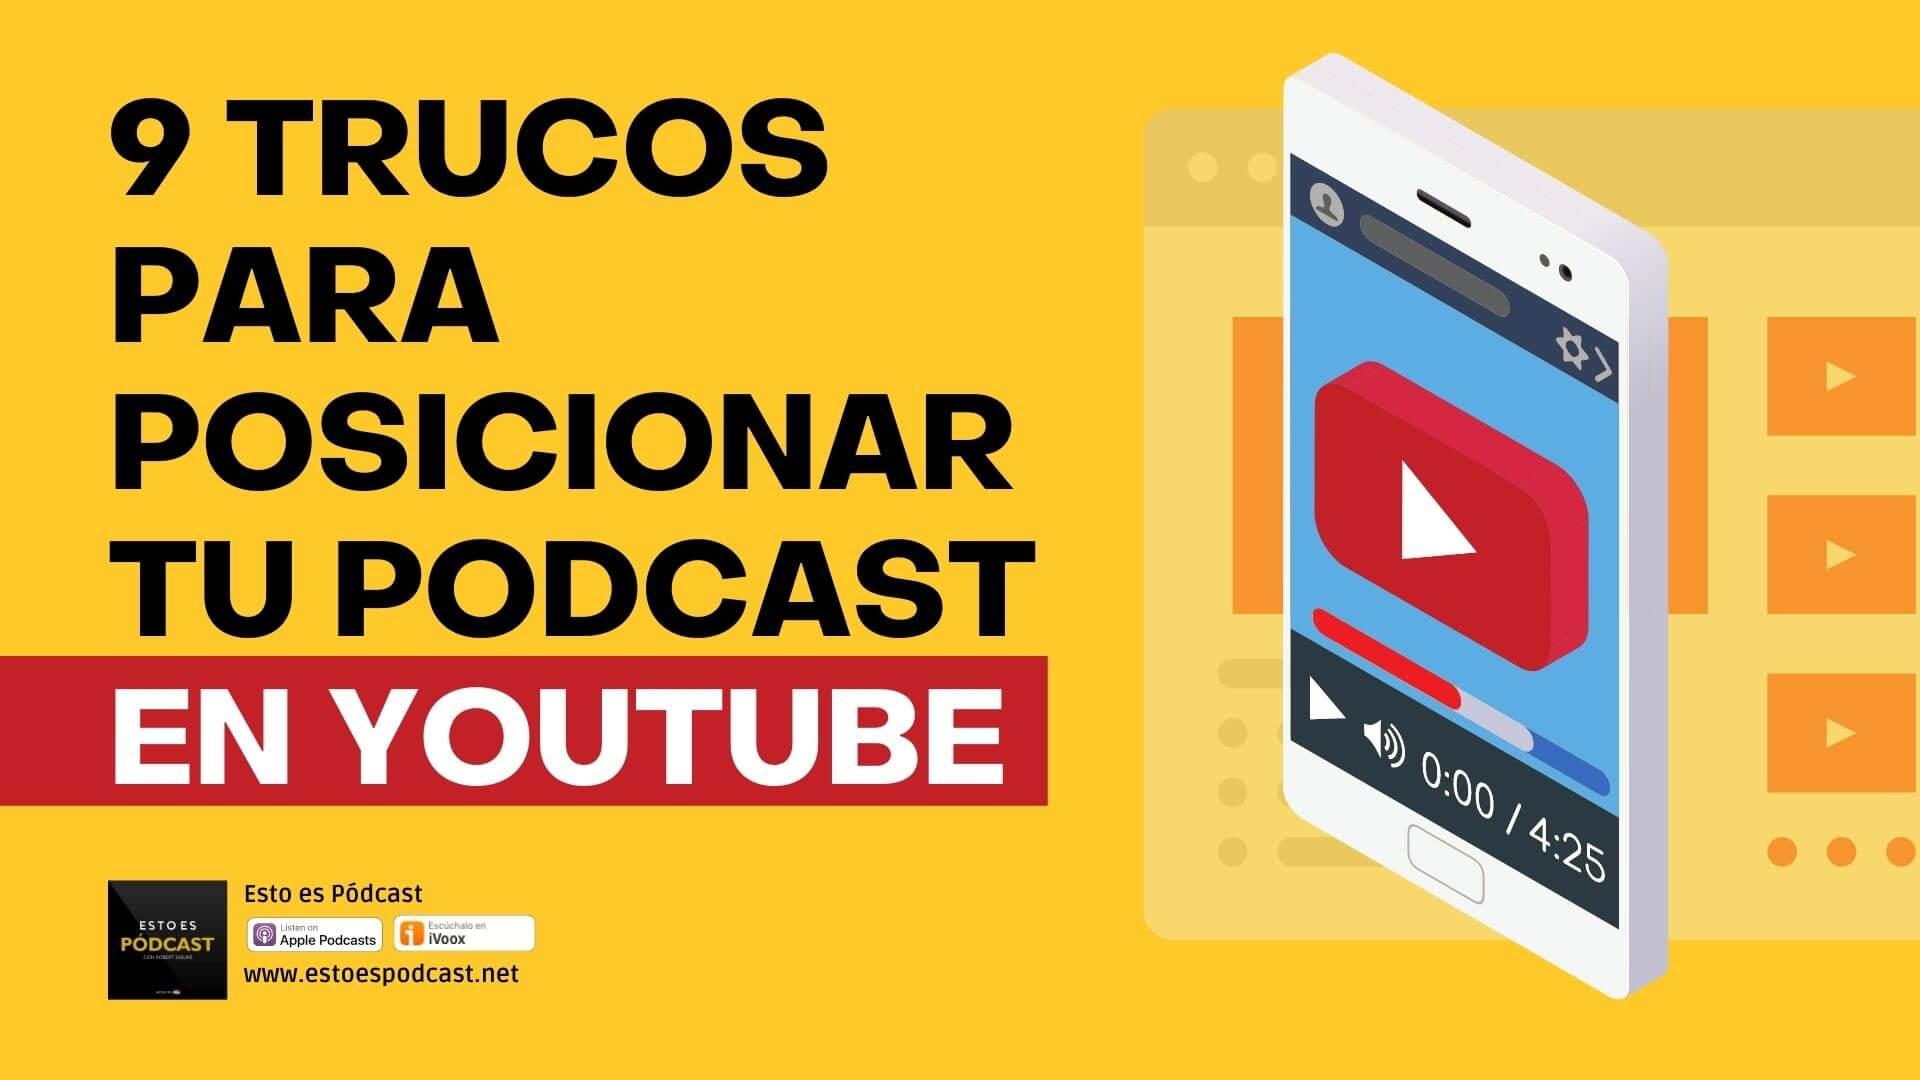 9 Trucos para Posicionar tu Podcast en Youtube